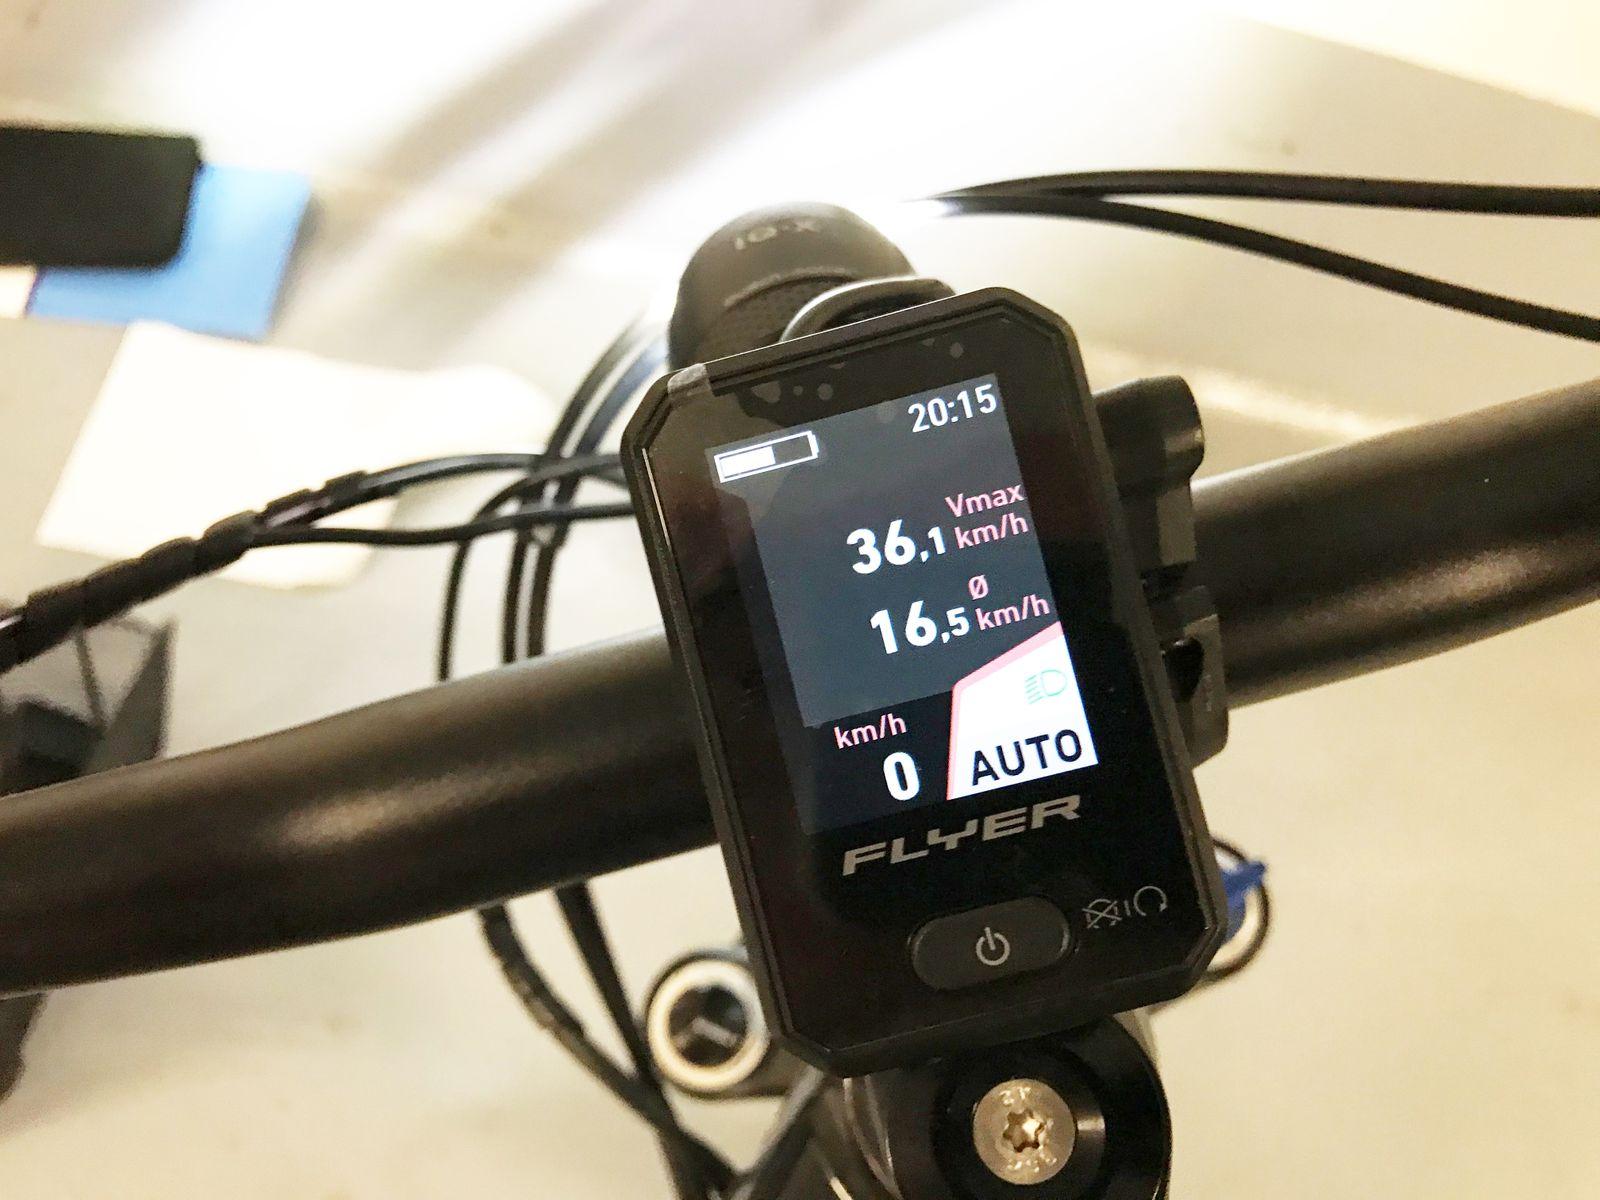 E-Bike Flyer Goroc2 / Tacho